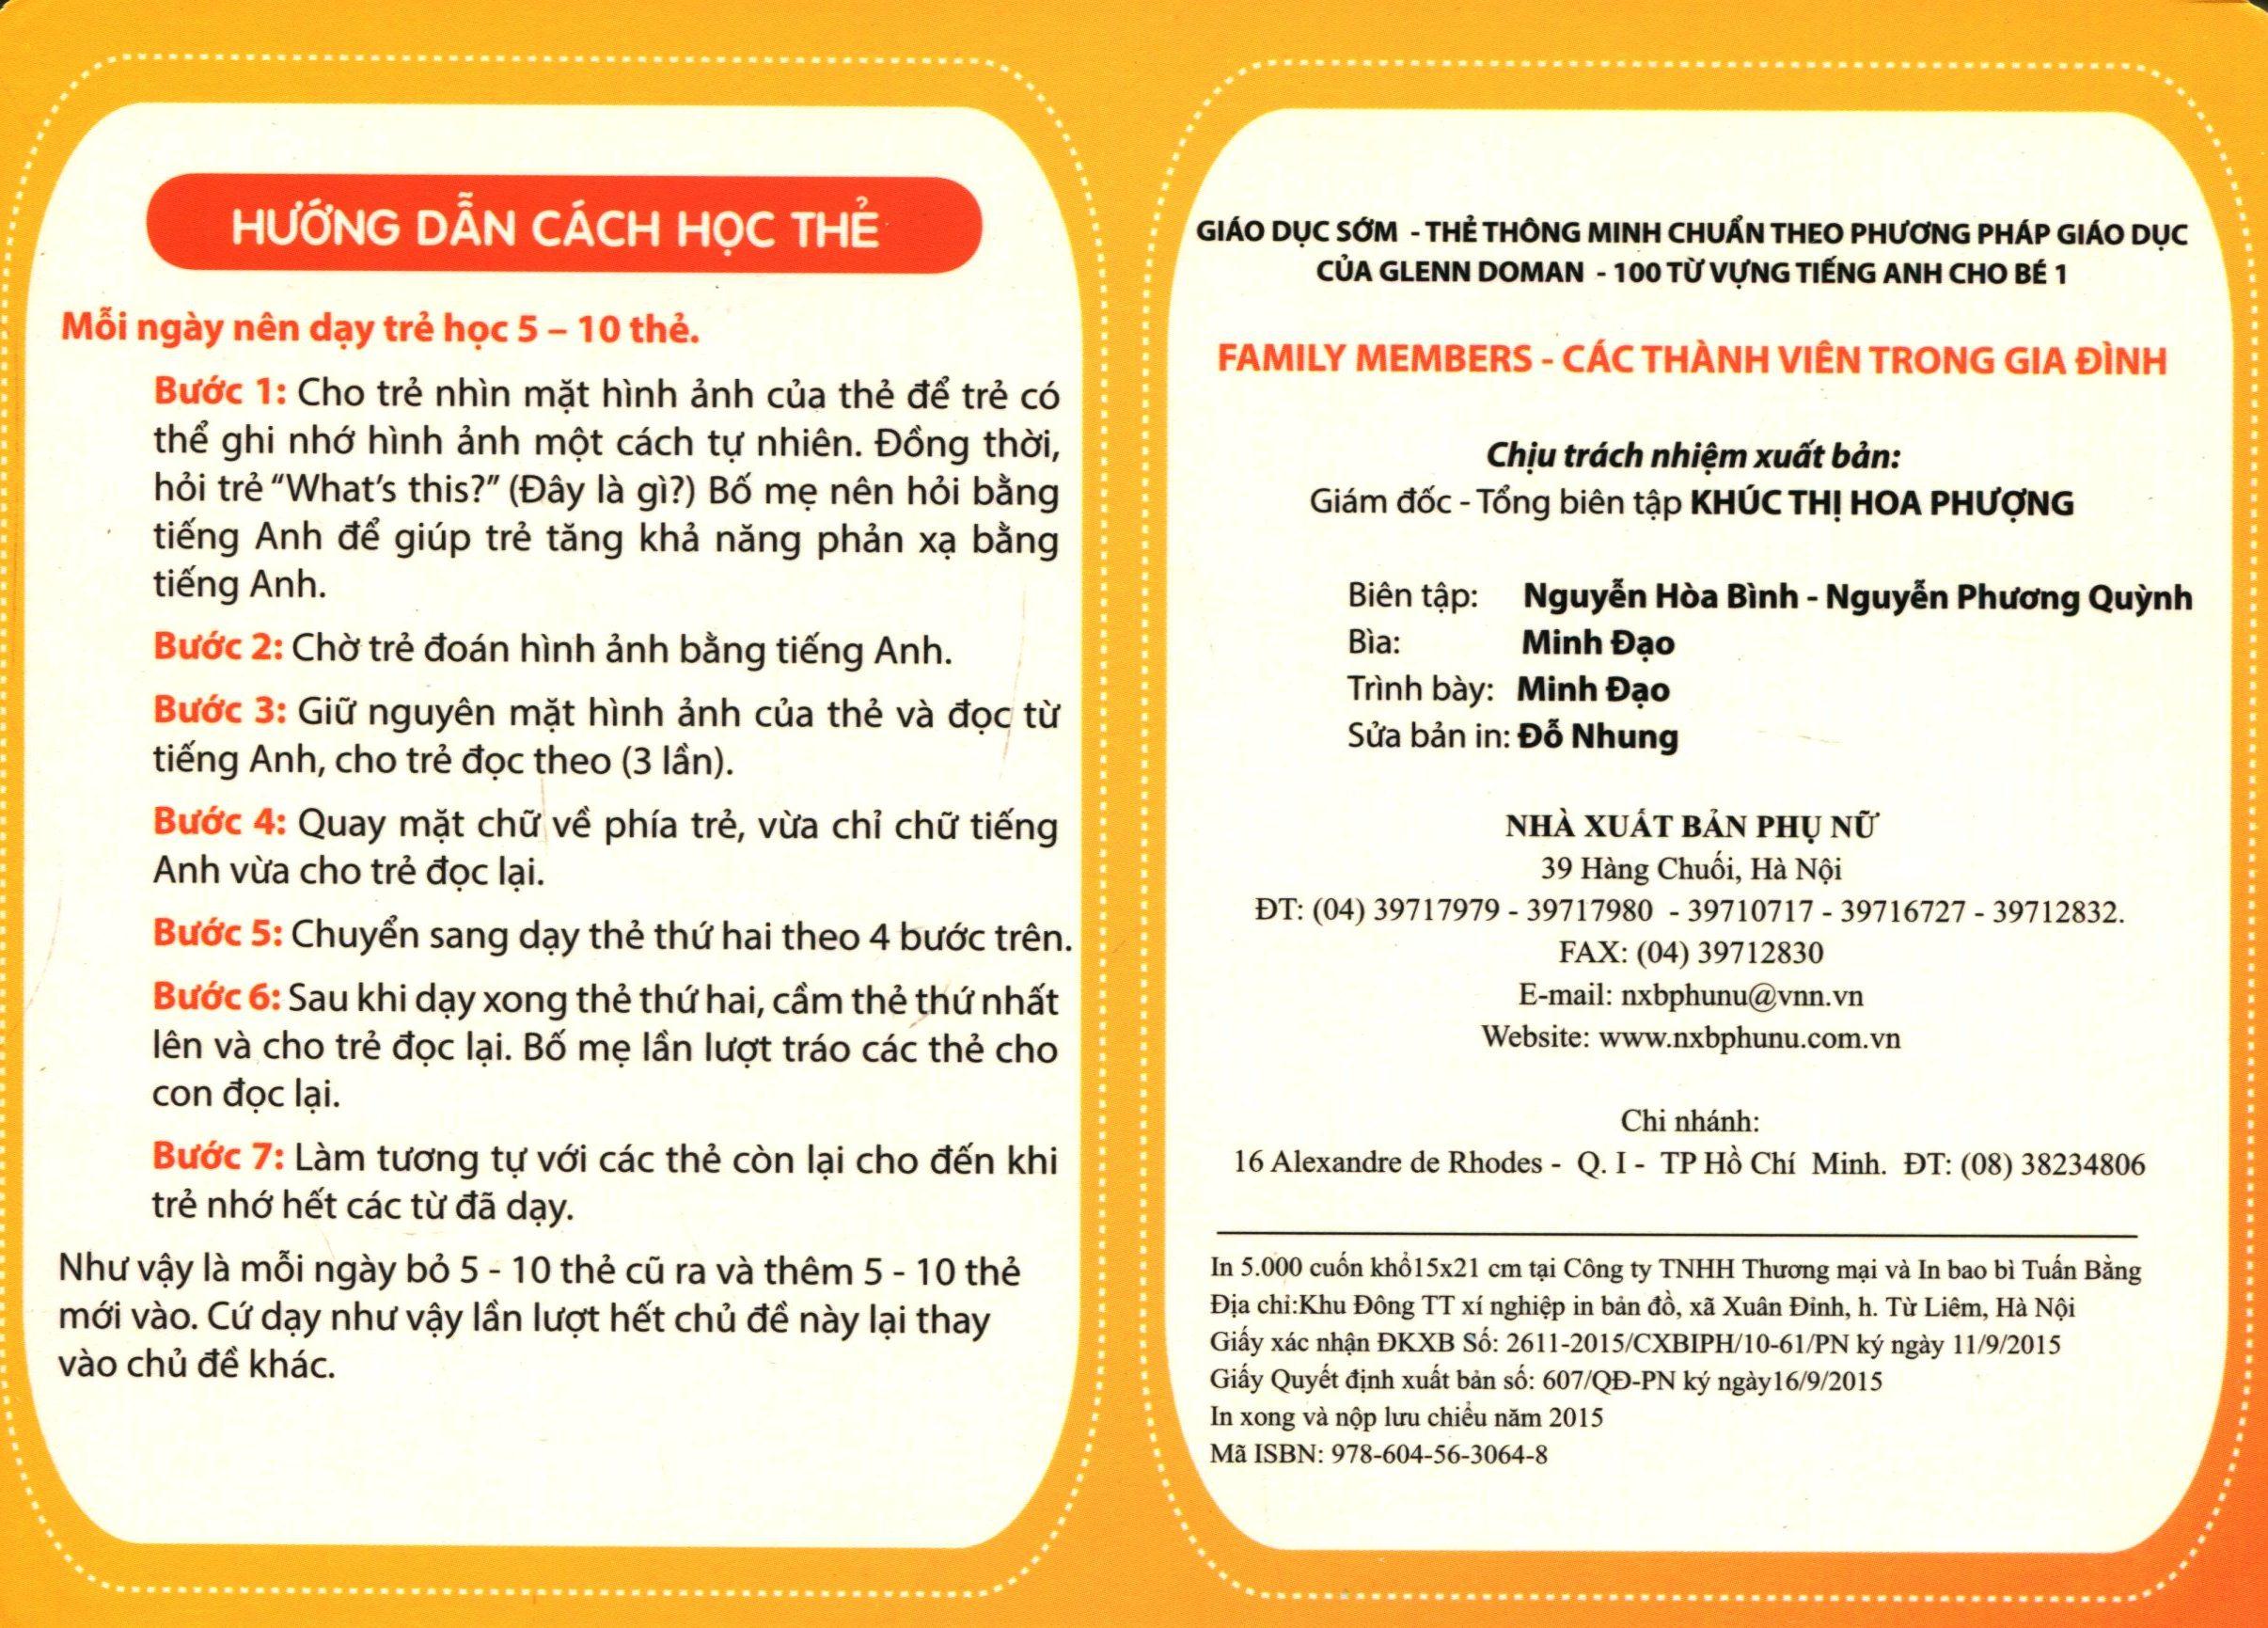 http://tikicdn.com/media/catalog/product/1/0/100-tu-vung-tieng-anh-cho-be-chu-de-gia-dinh-the-candy.jpg